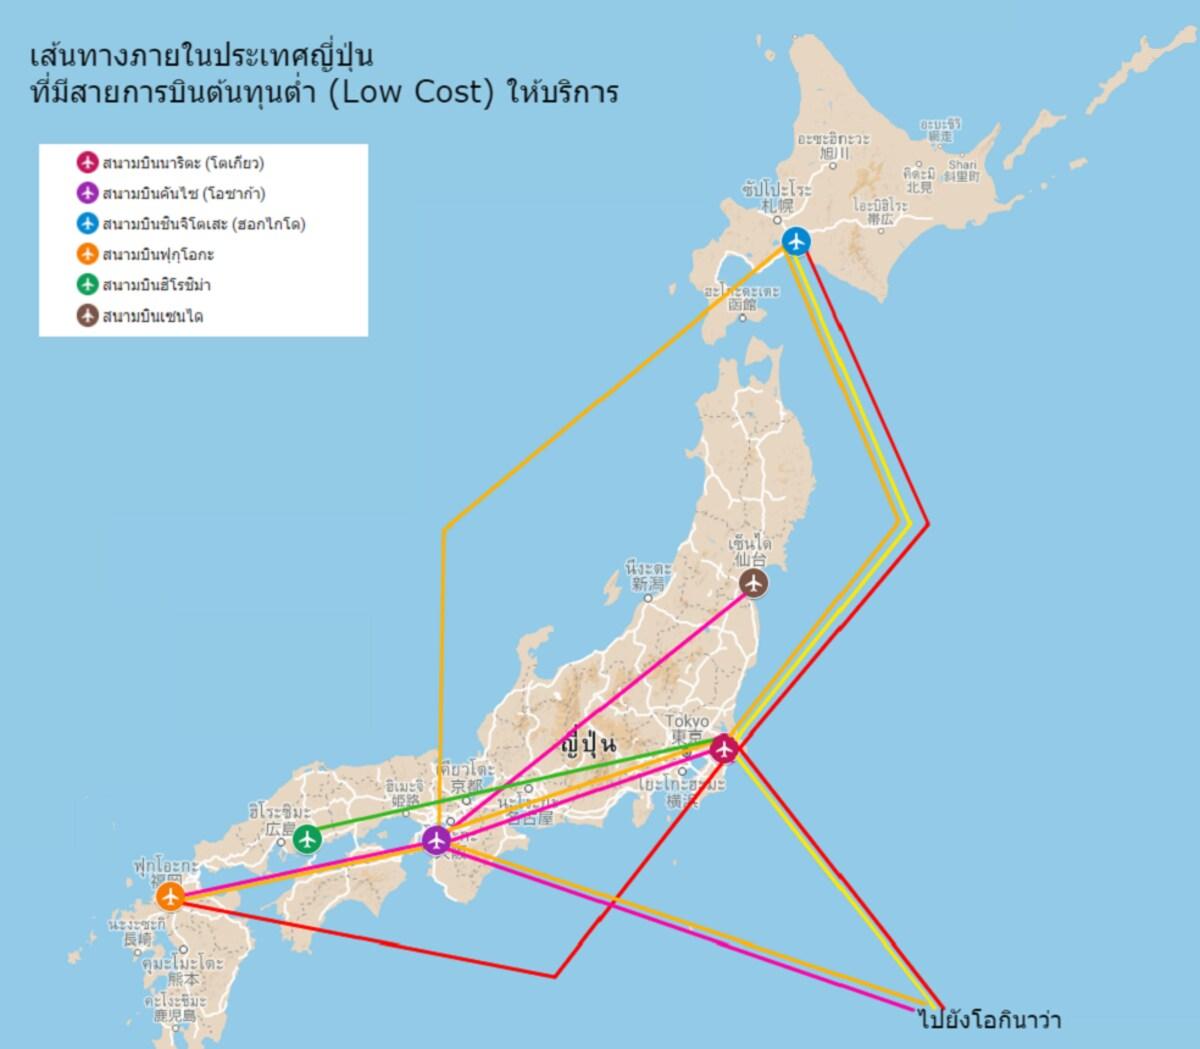 นั่งสายการบินโลว์คอสต์ภายในญี่ปุ่น เมื่อต้องไปไกลๆ